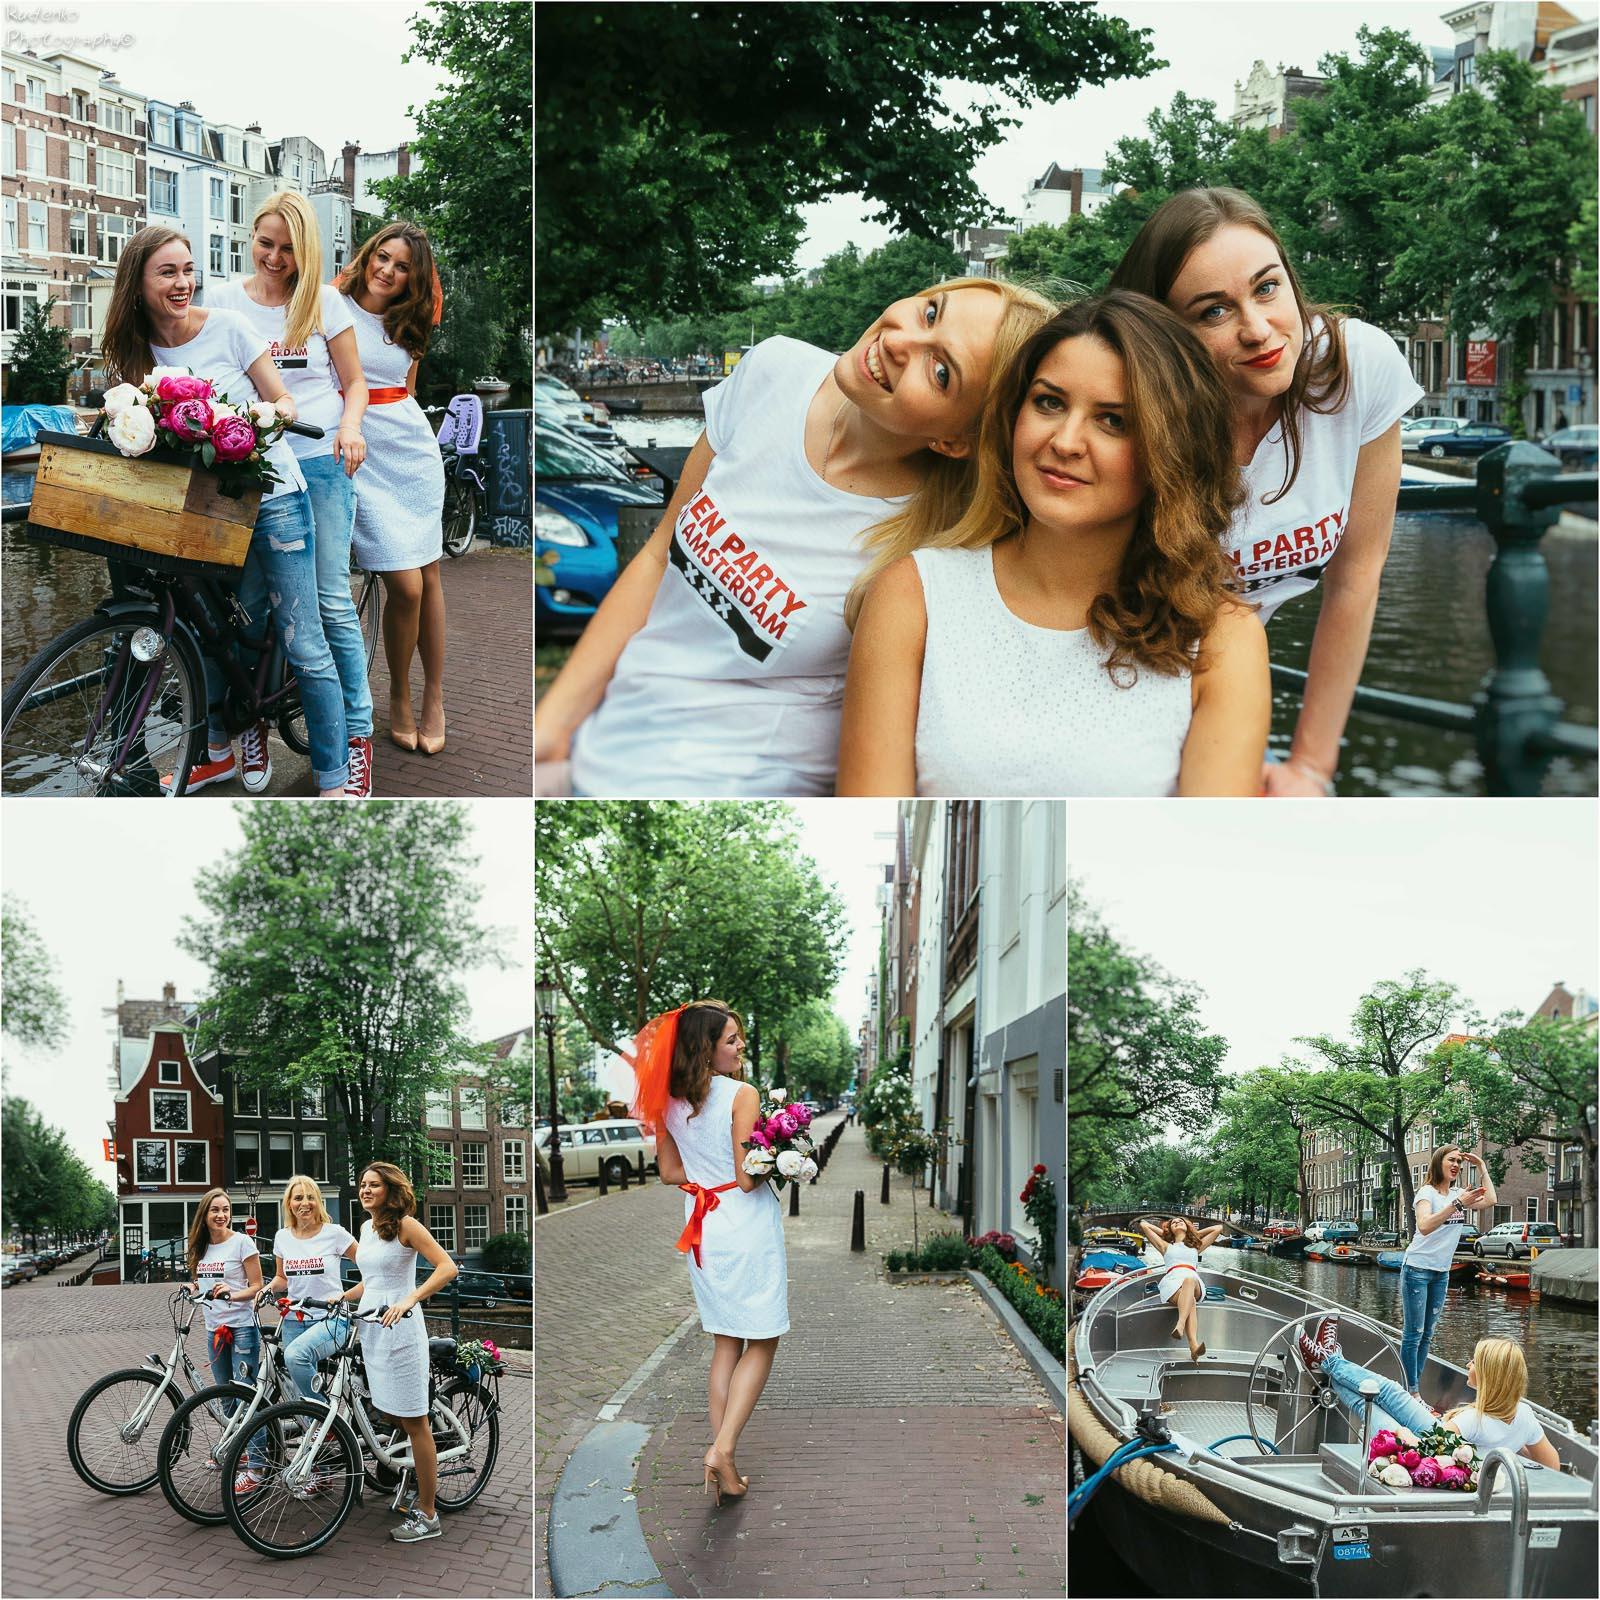 Заказ стильной фотосессии в чудесном Амстердаме